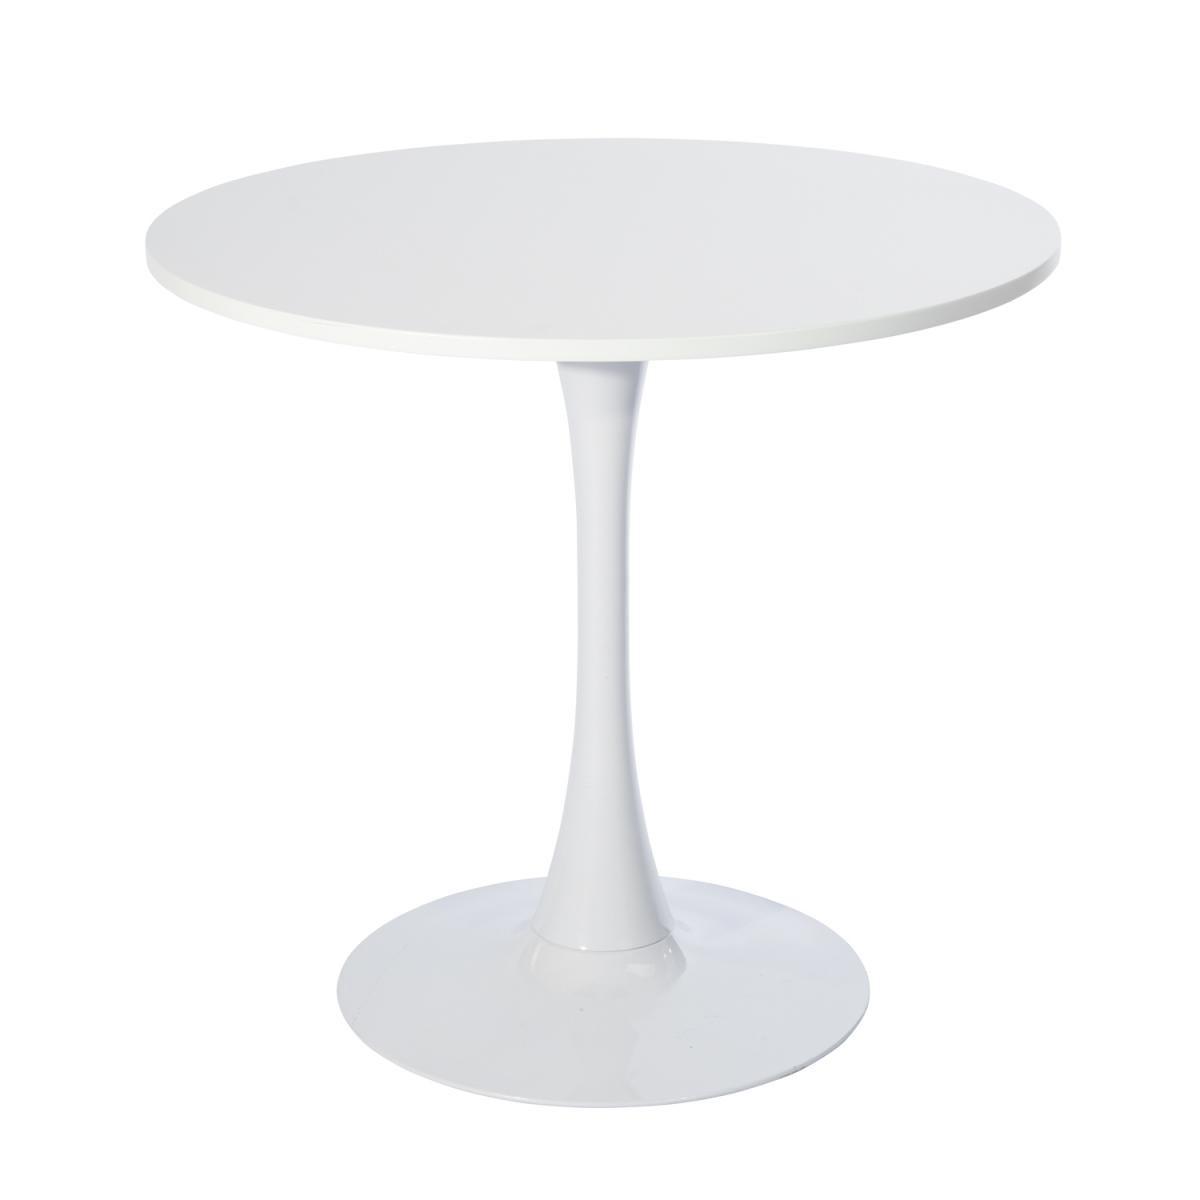 Furniturer Table De Jardin Table À Manger Ronde Blanc En Bois 4 Places D100cm